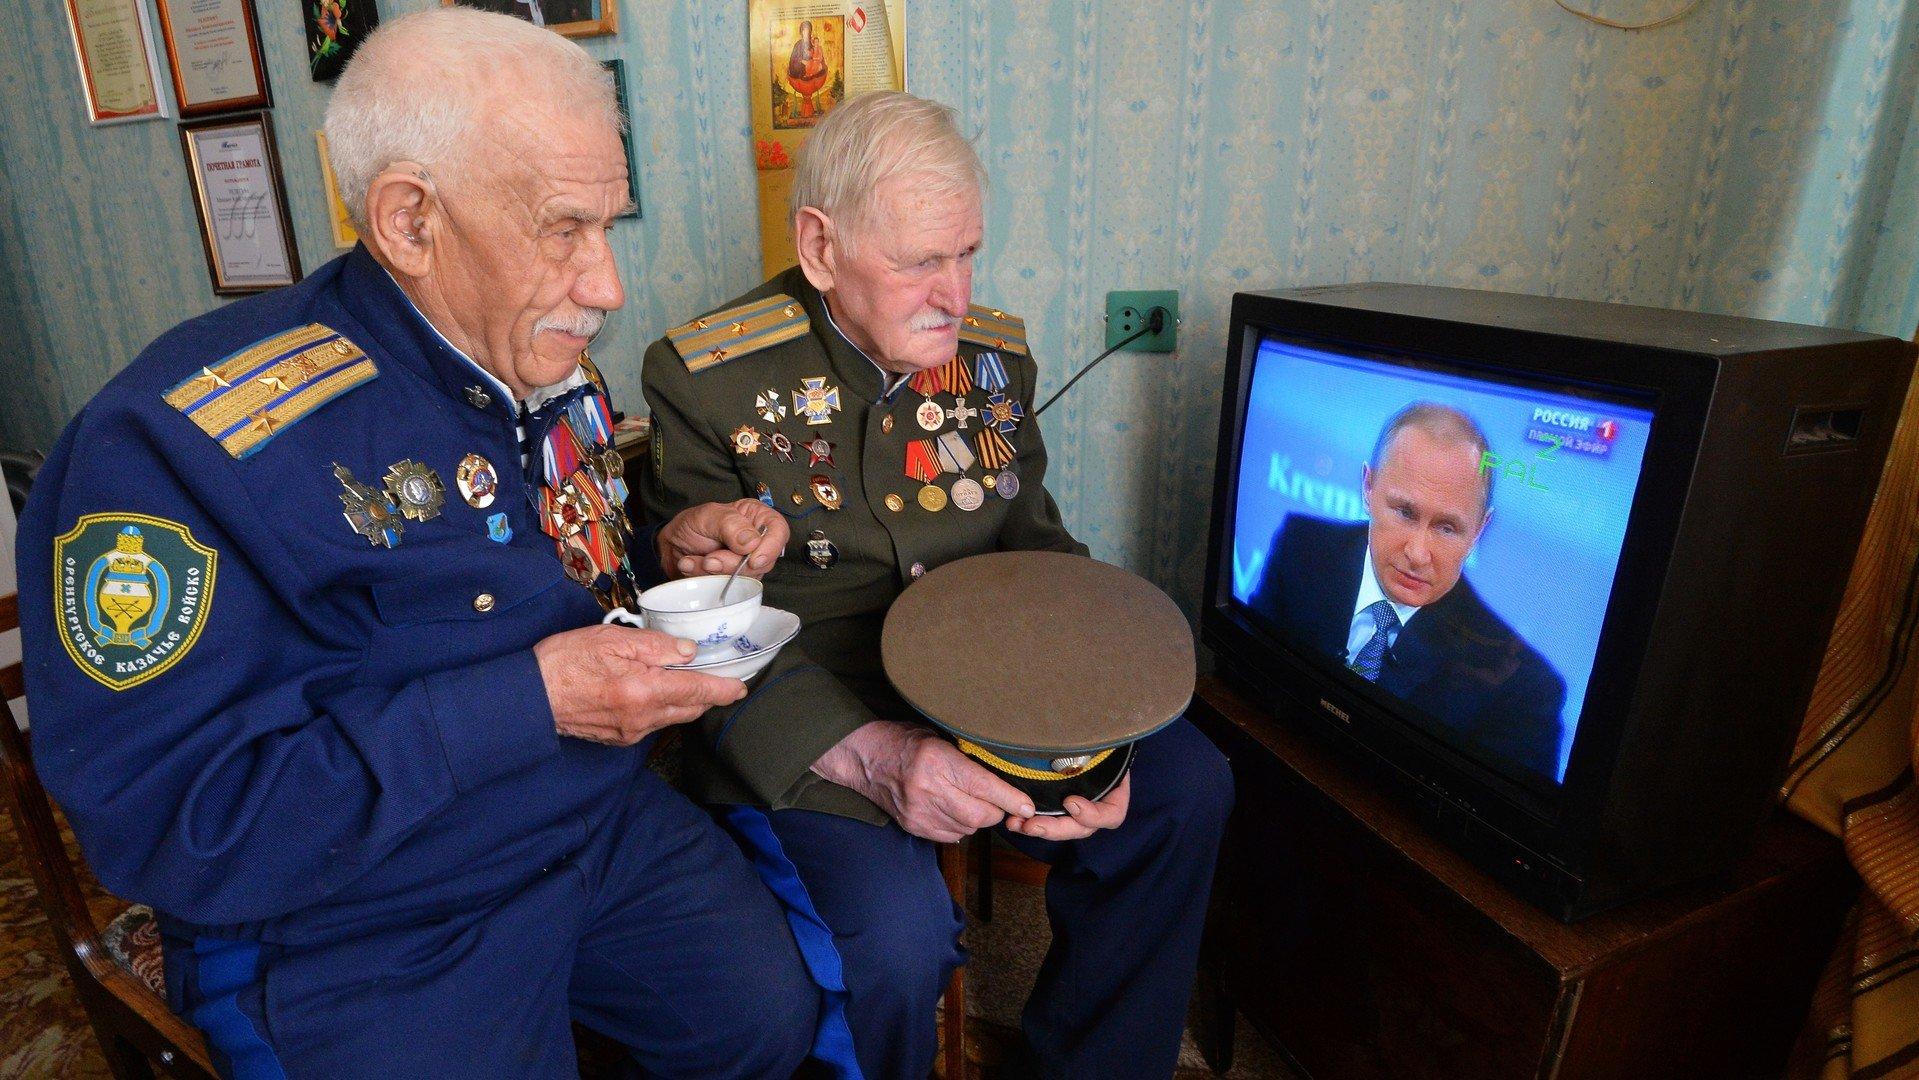 Des anciens combattants de la Seconde Guerre mondiale